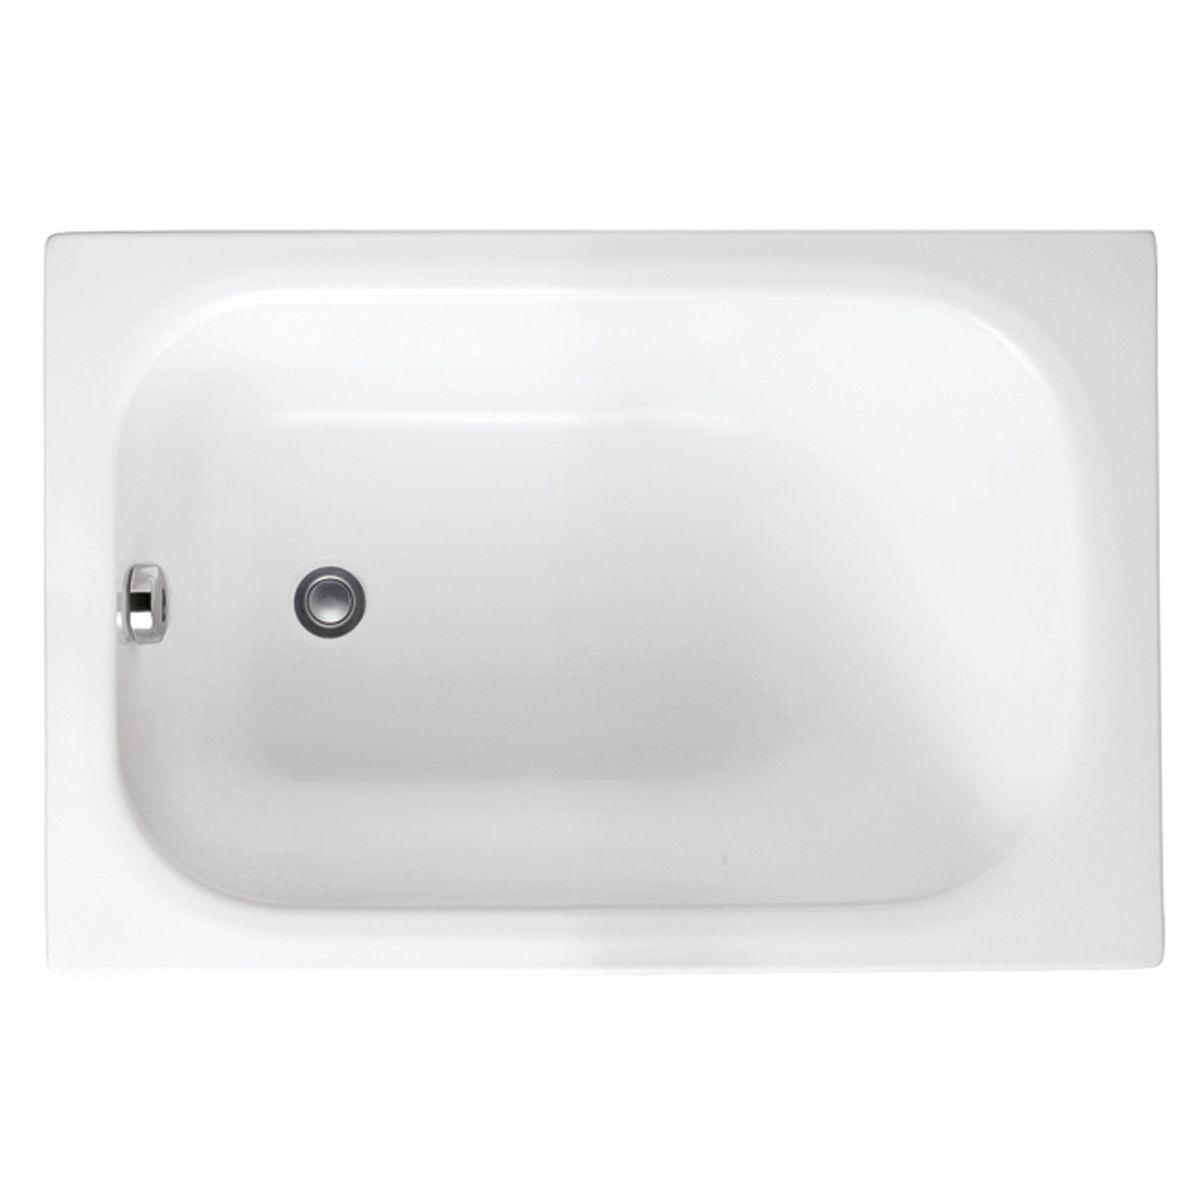 Vasche ad angolo prezzi vasca da bagno con piedini shropshire x cm bianco with vasche ad angolo - Vasche da bagno piccole dimensioni ...